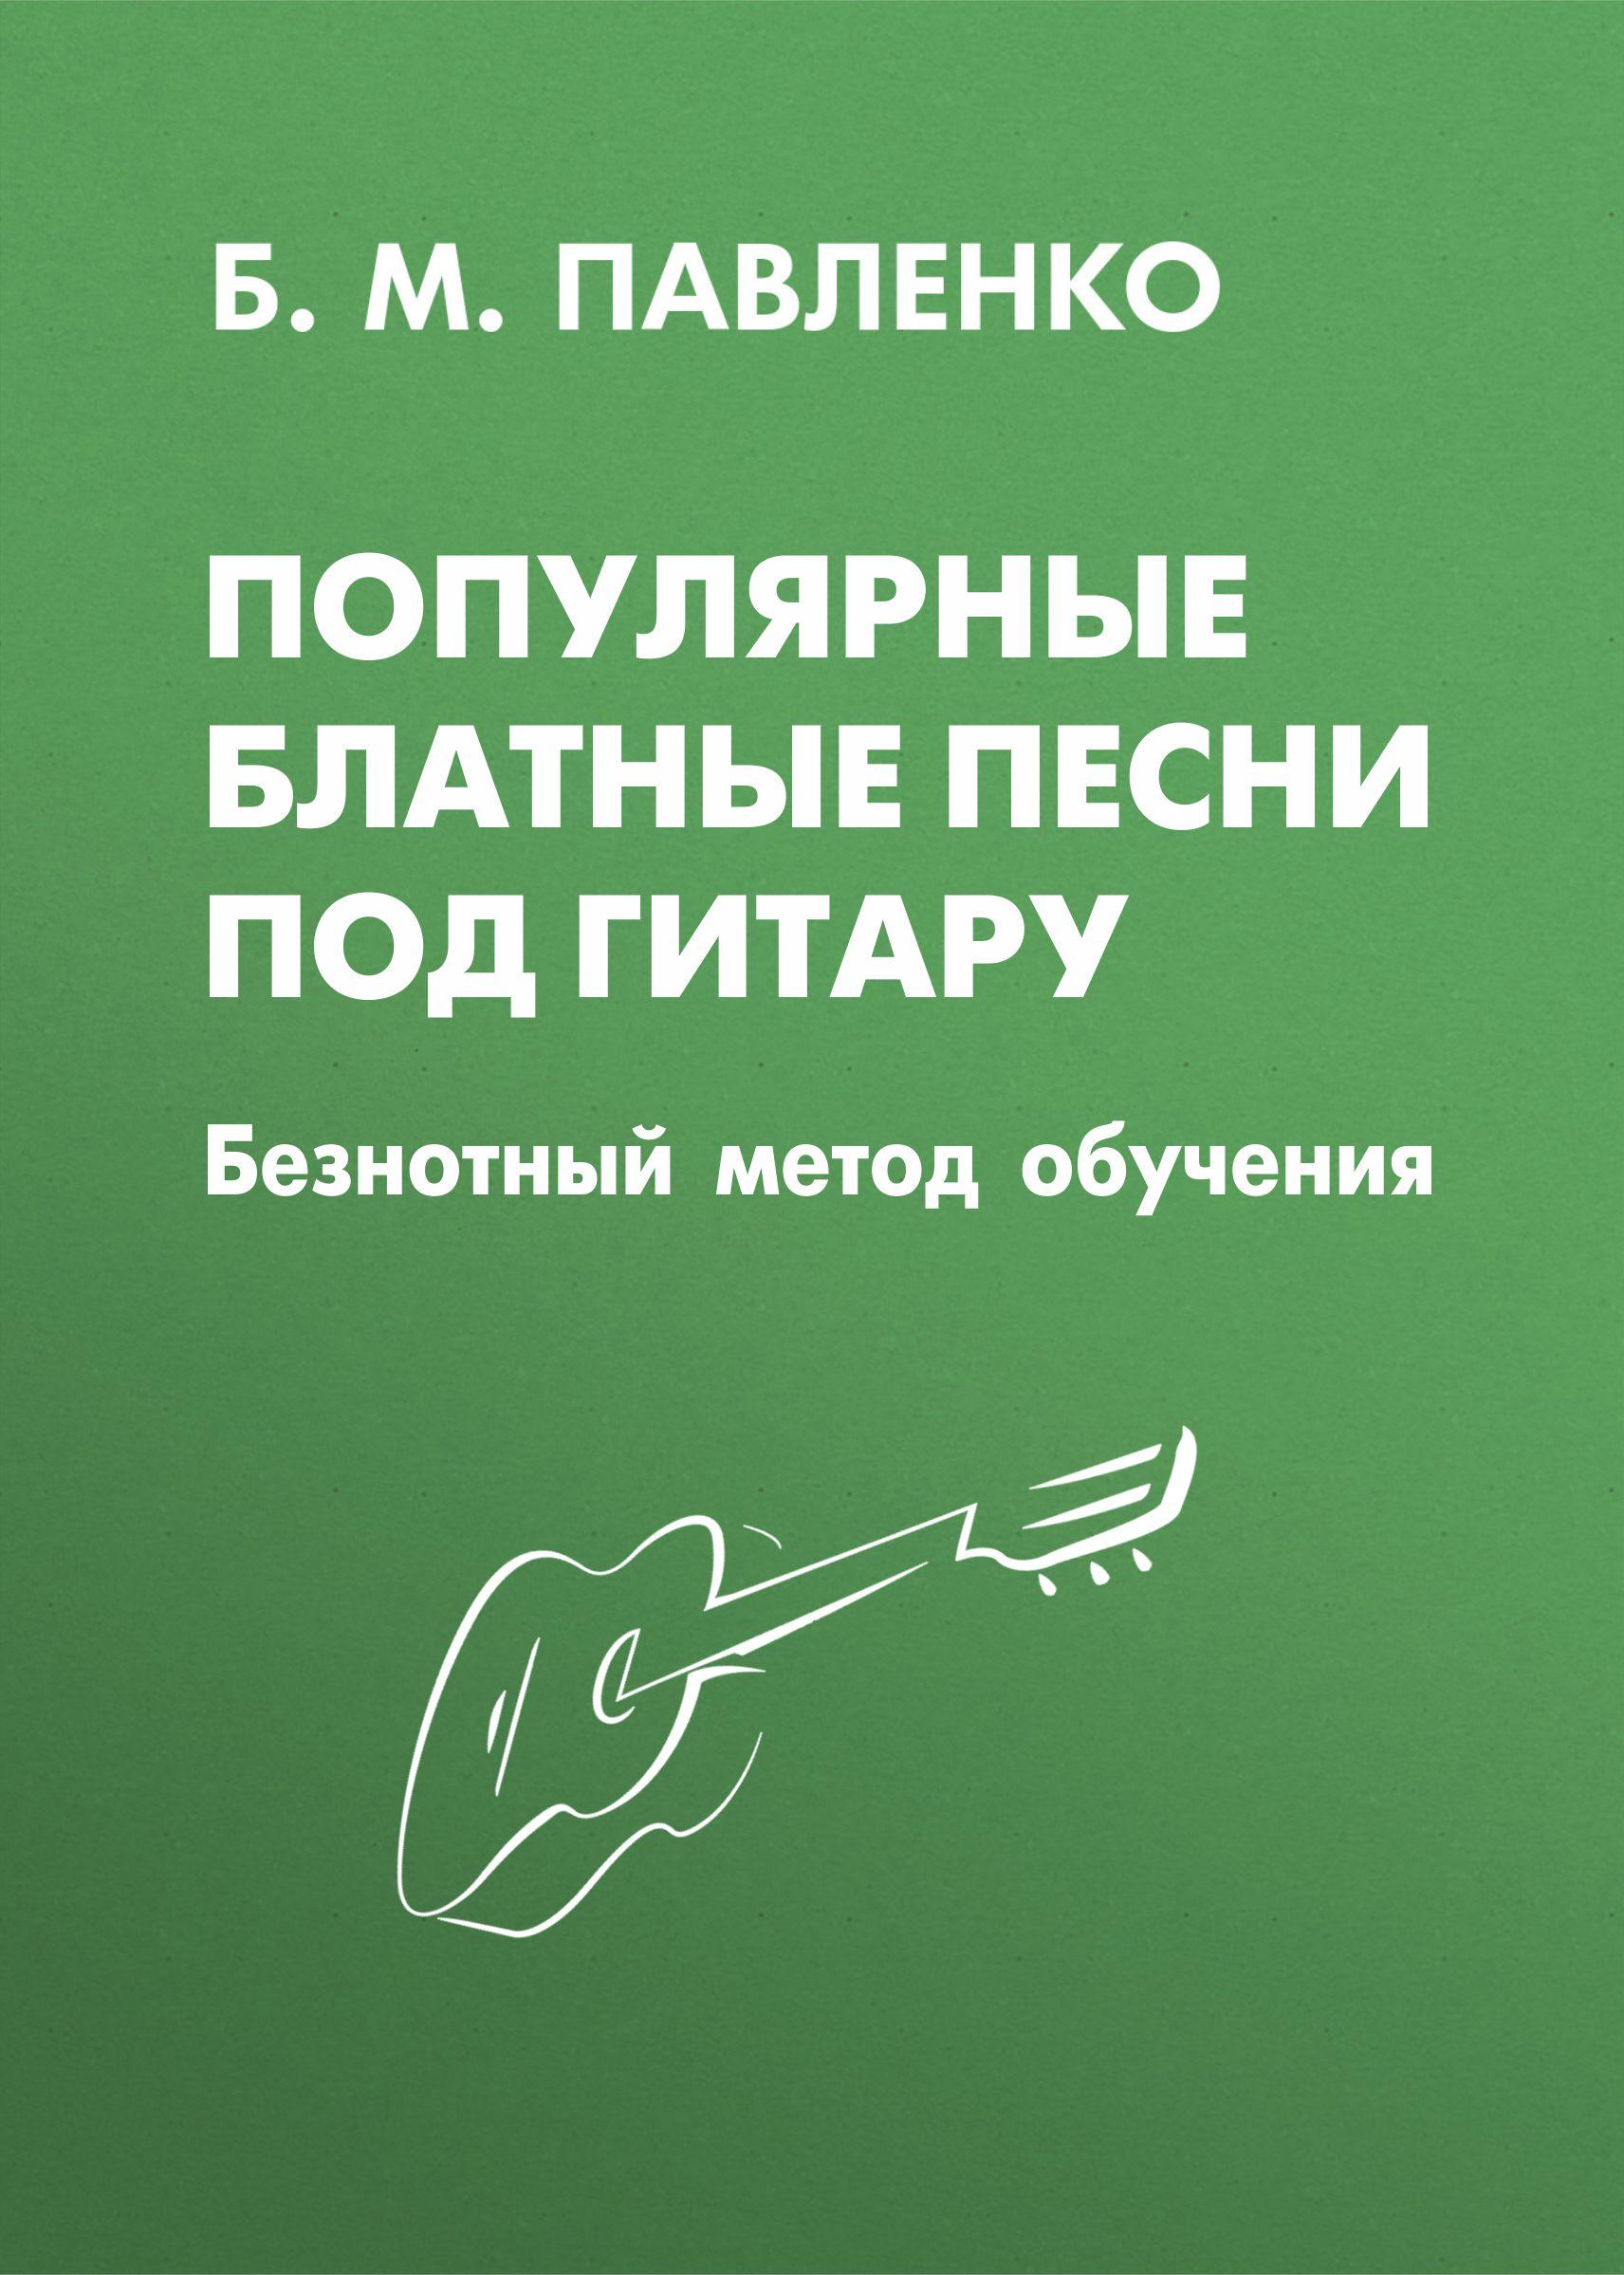 Б. М. Павленко Популярные блатные песни под гитару. Безнотный метод обучения петров п играем песни на гитаре безнотный метод всего 8 аккордов